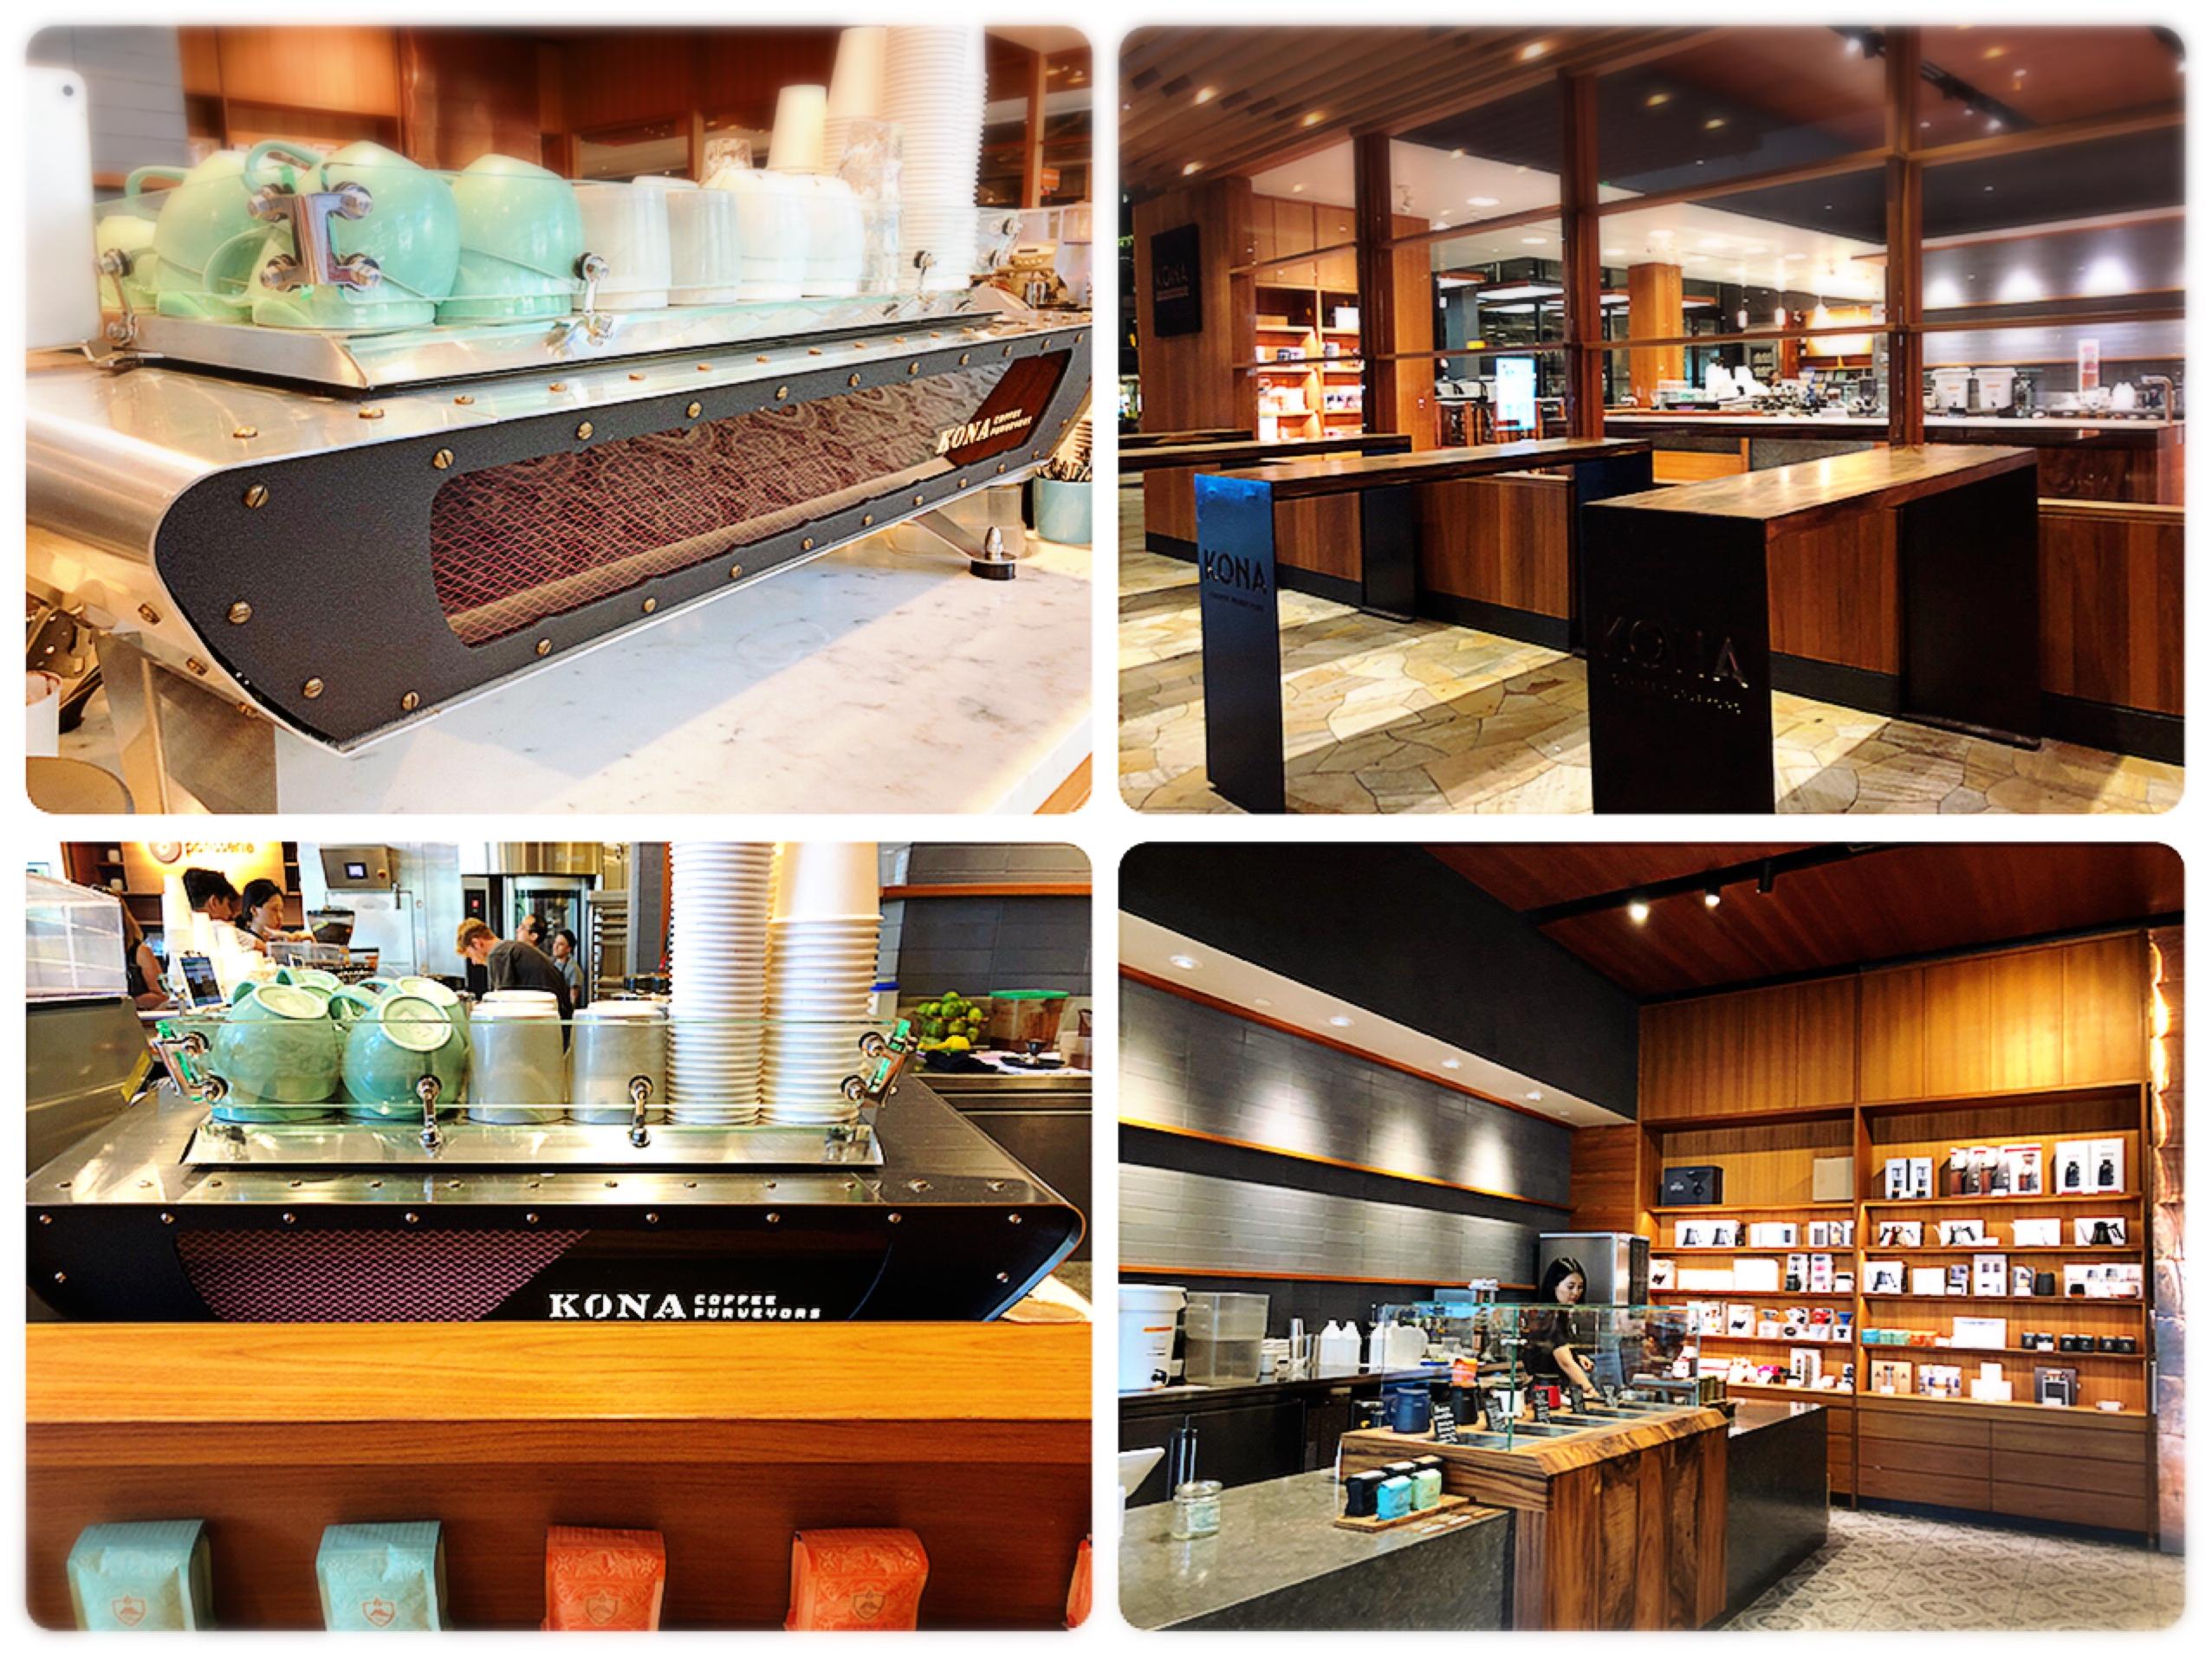 【#Hawaii CAFE】美味しいパンとコーヒーを頂くならここ( ´ ▽ ` )!アクセス抜群のおしゃれカフェ_5